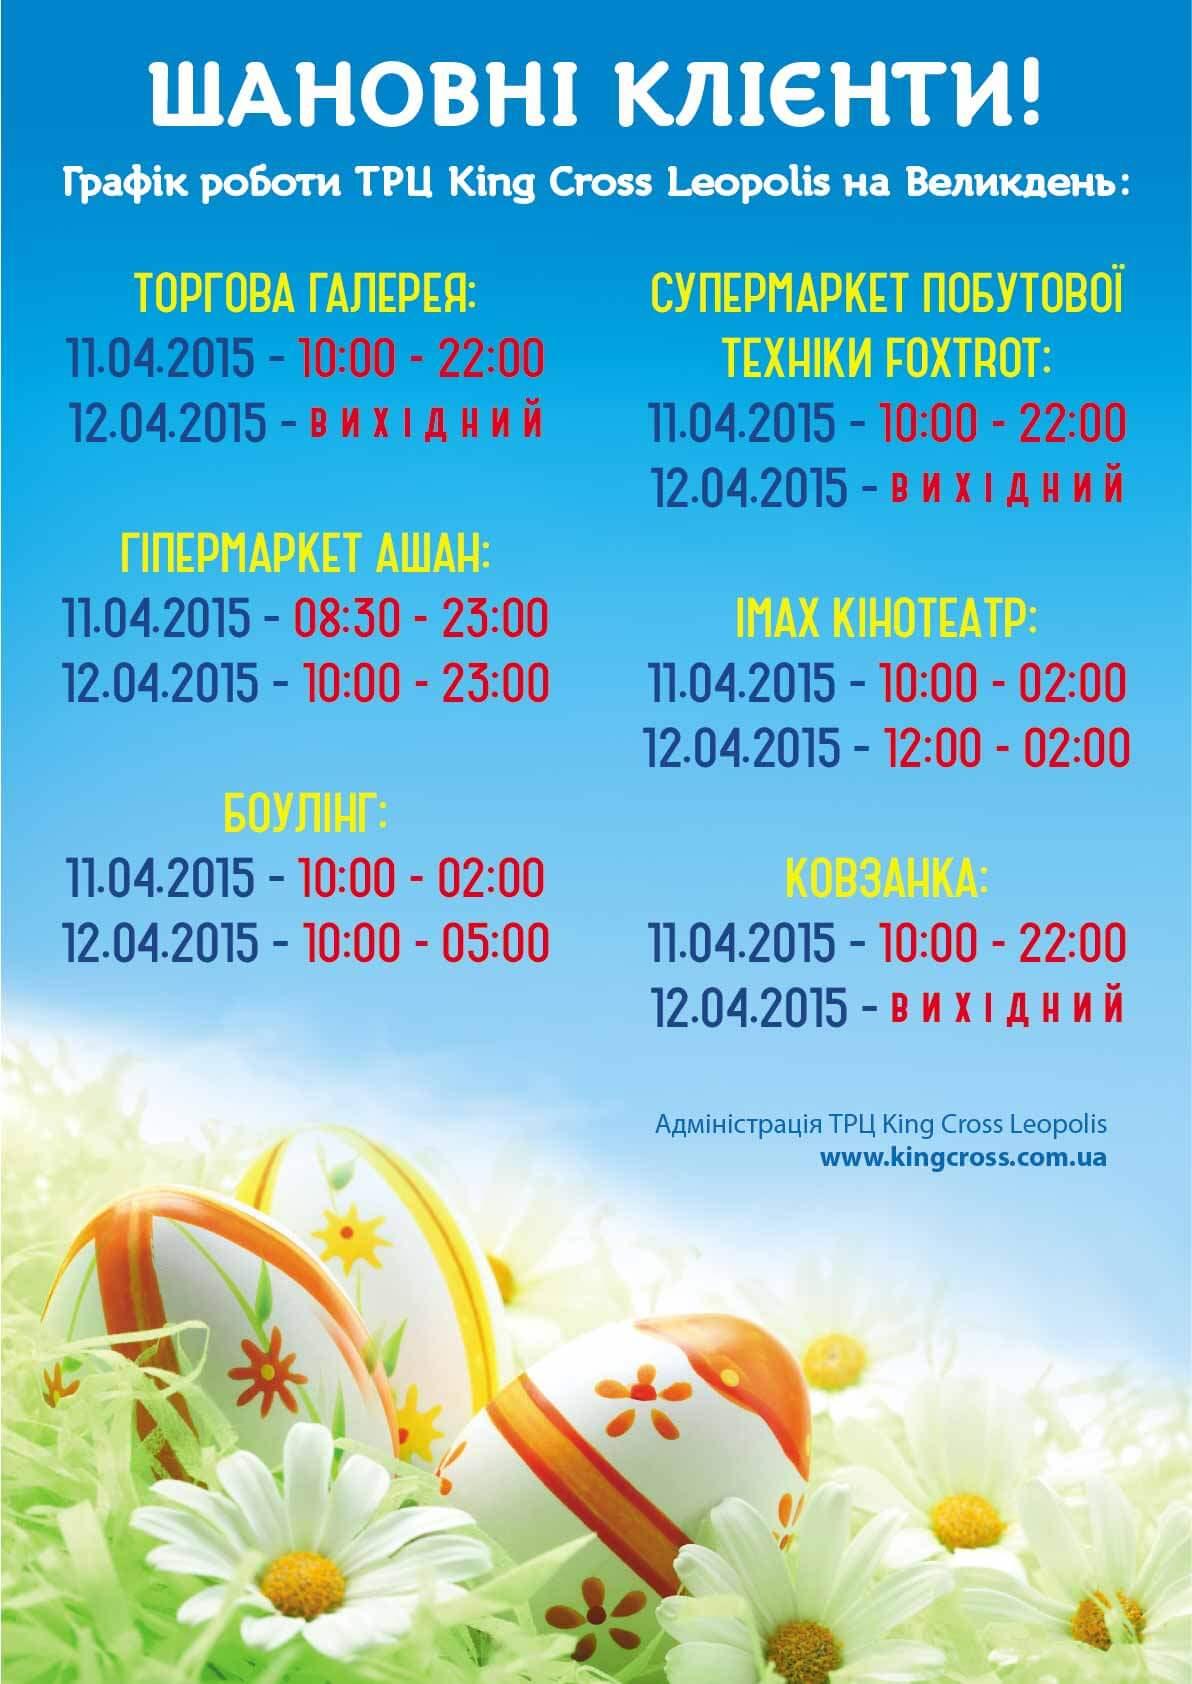 Т.Р.Е.Н.Д. - Український ярмарковий Великдень ТРЦ King Cross Leopolis